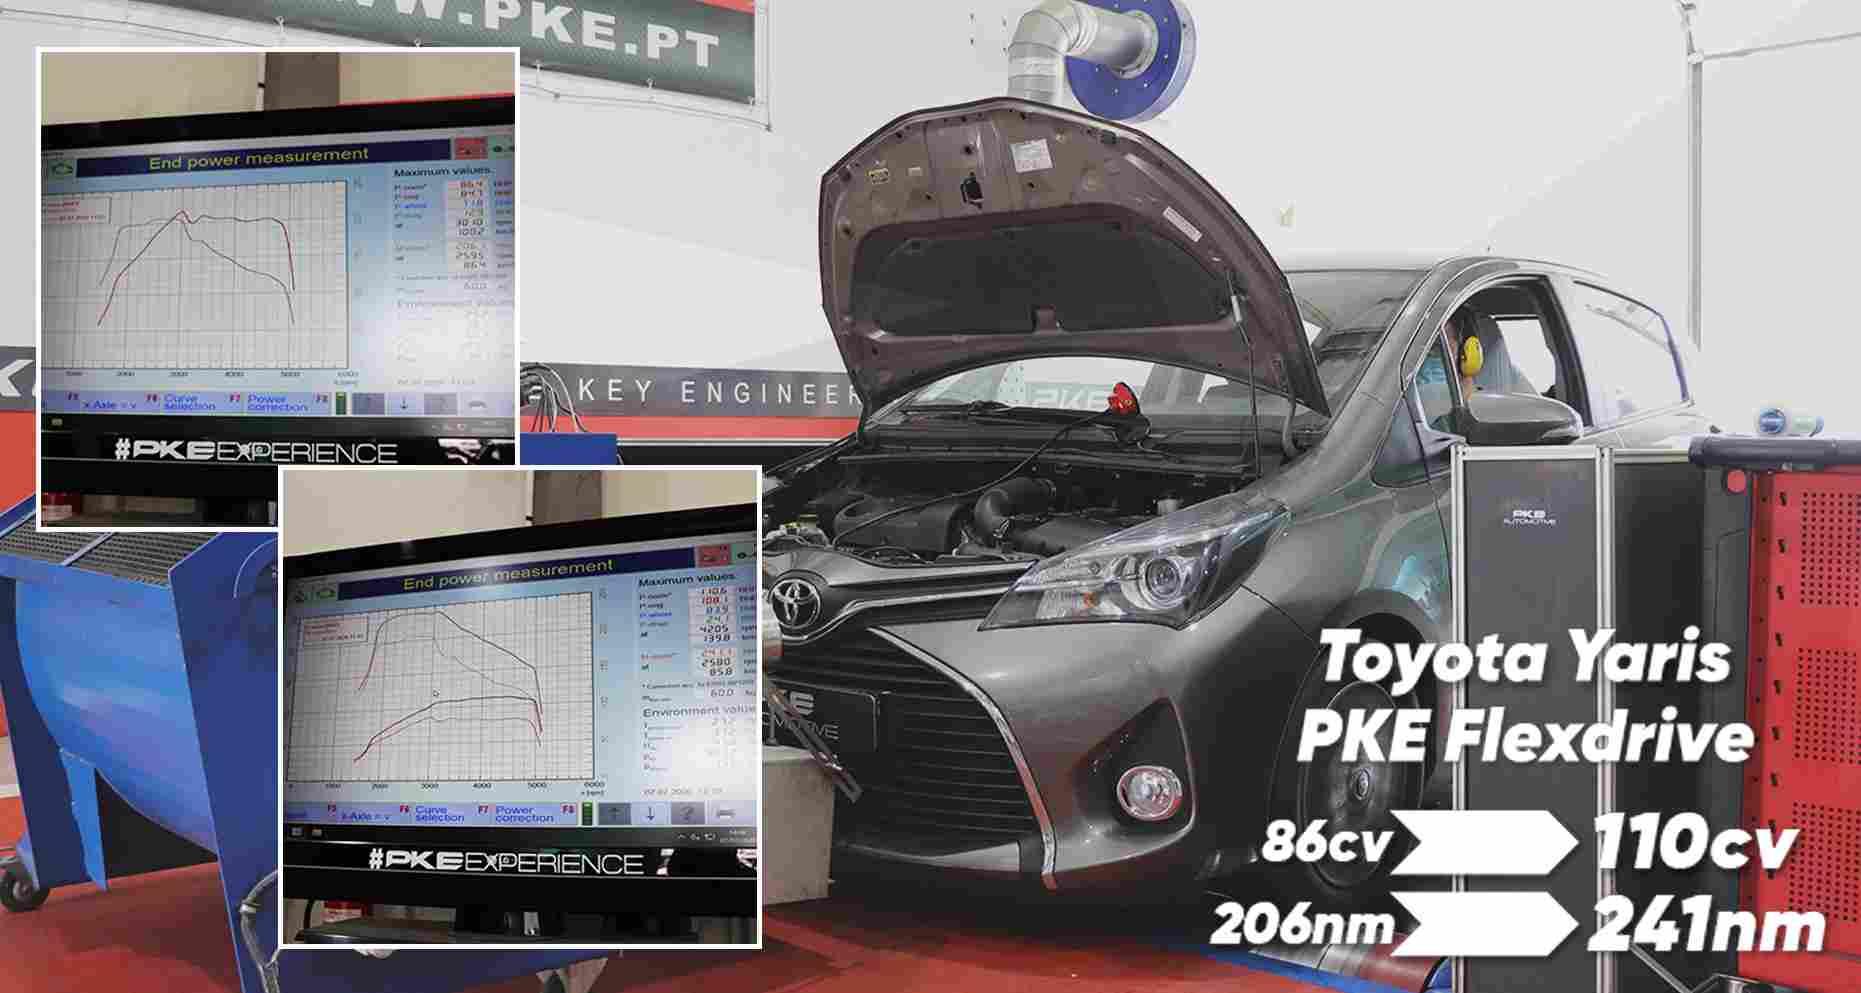 PKE FlexDRIVE - Toyota Yaris 1.4 D4D